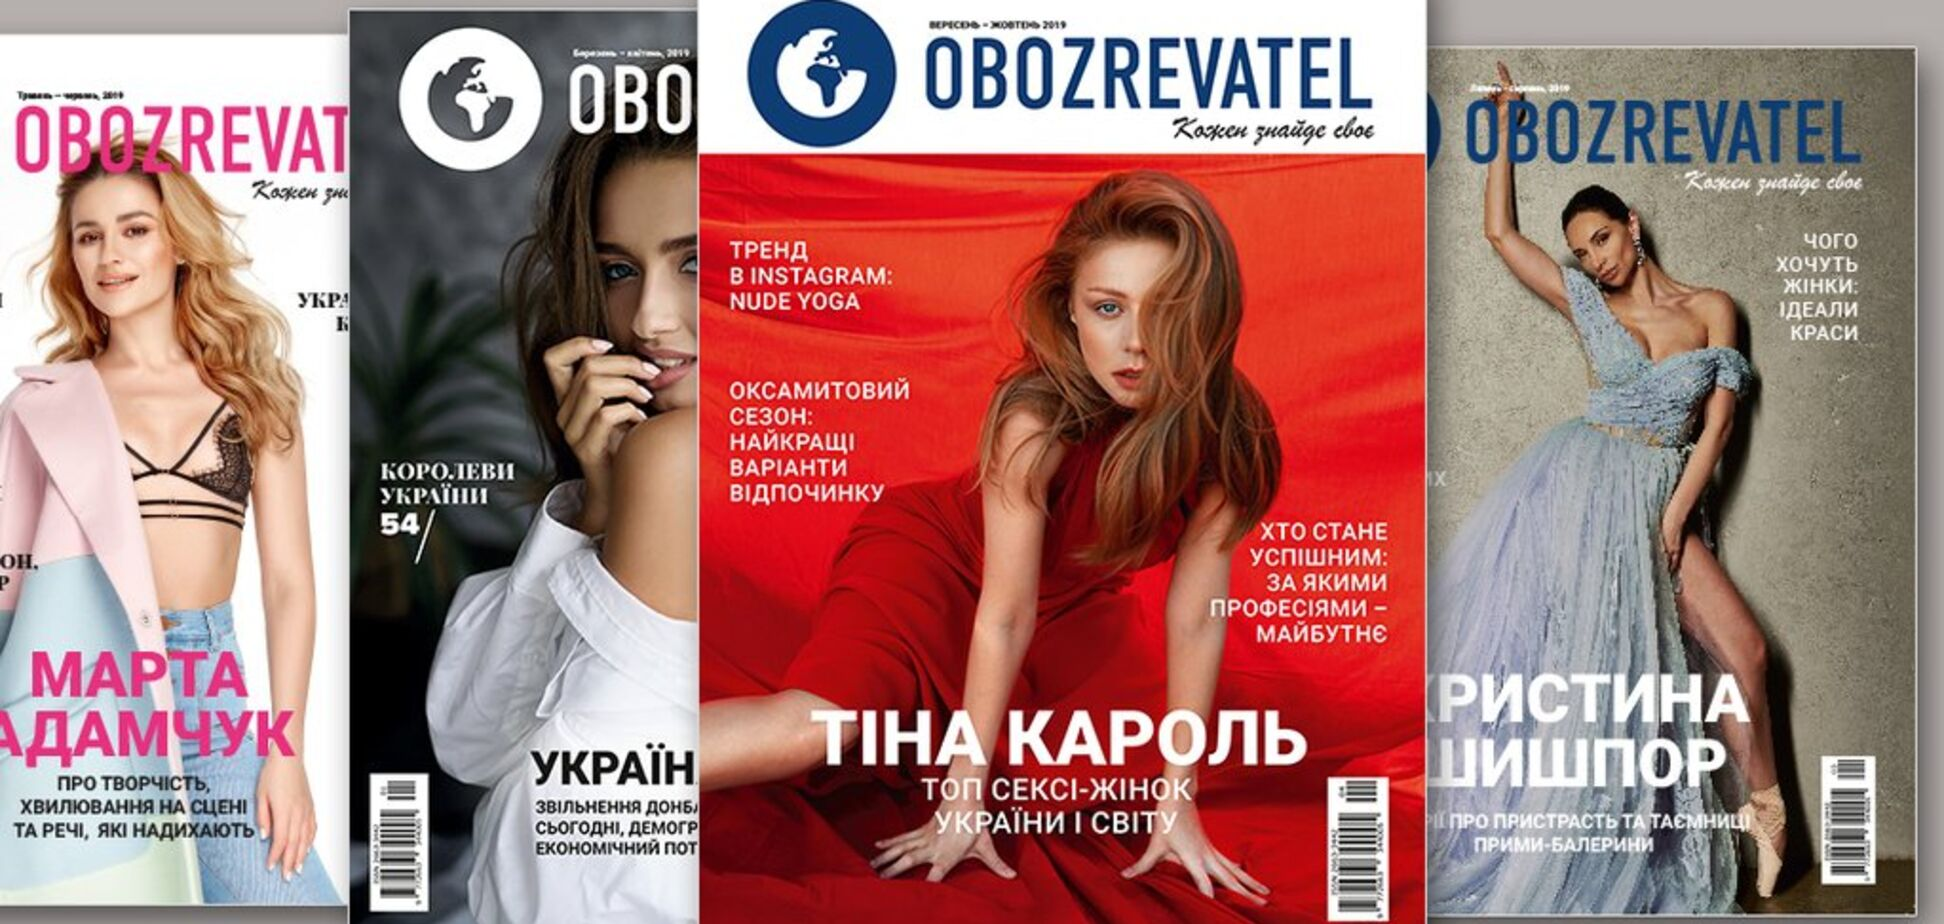 Четвертый номер журнала OBOZREVATEL: профессии будущего, 'голая' йога и самые сексуальные женщины